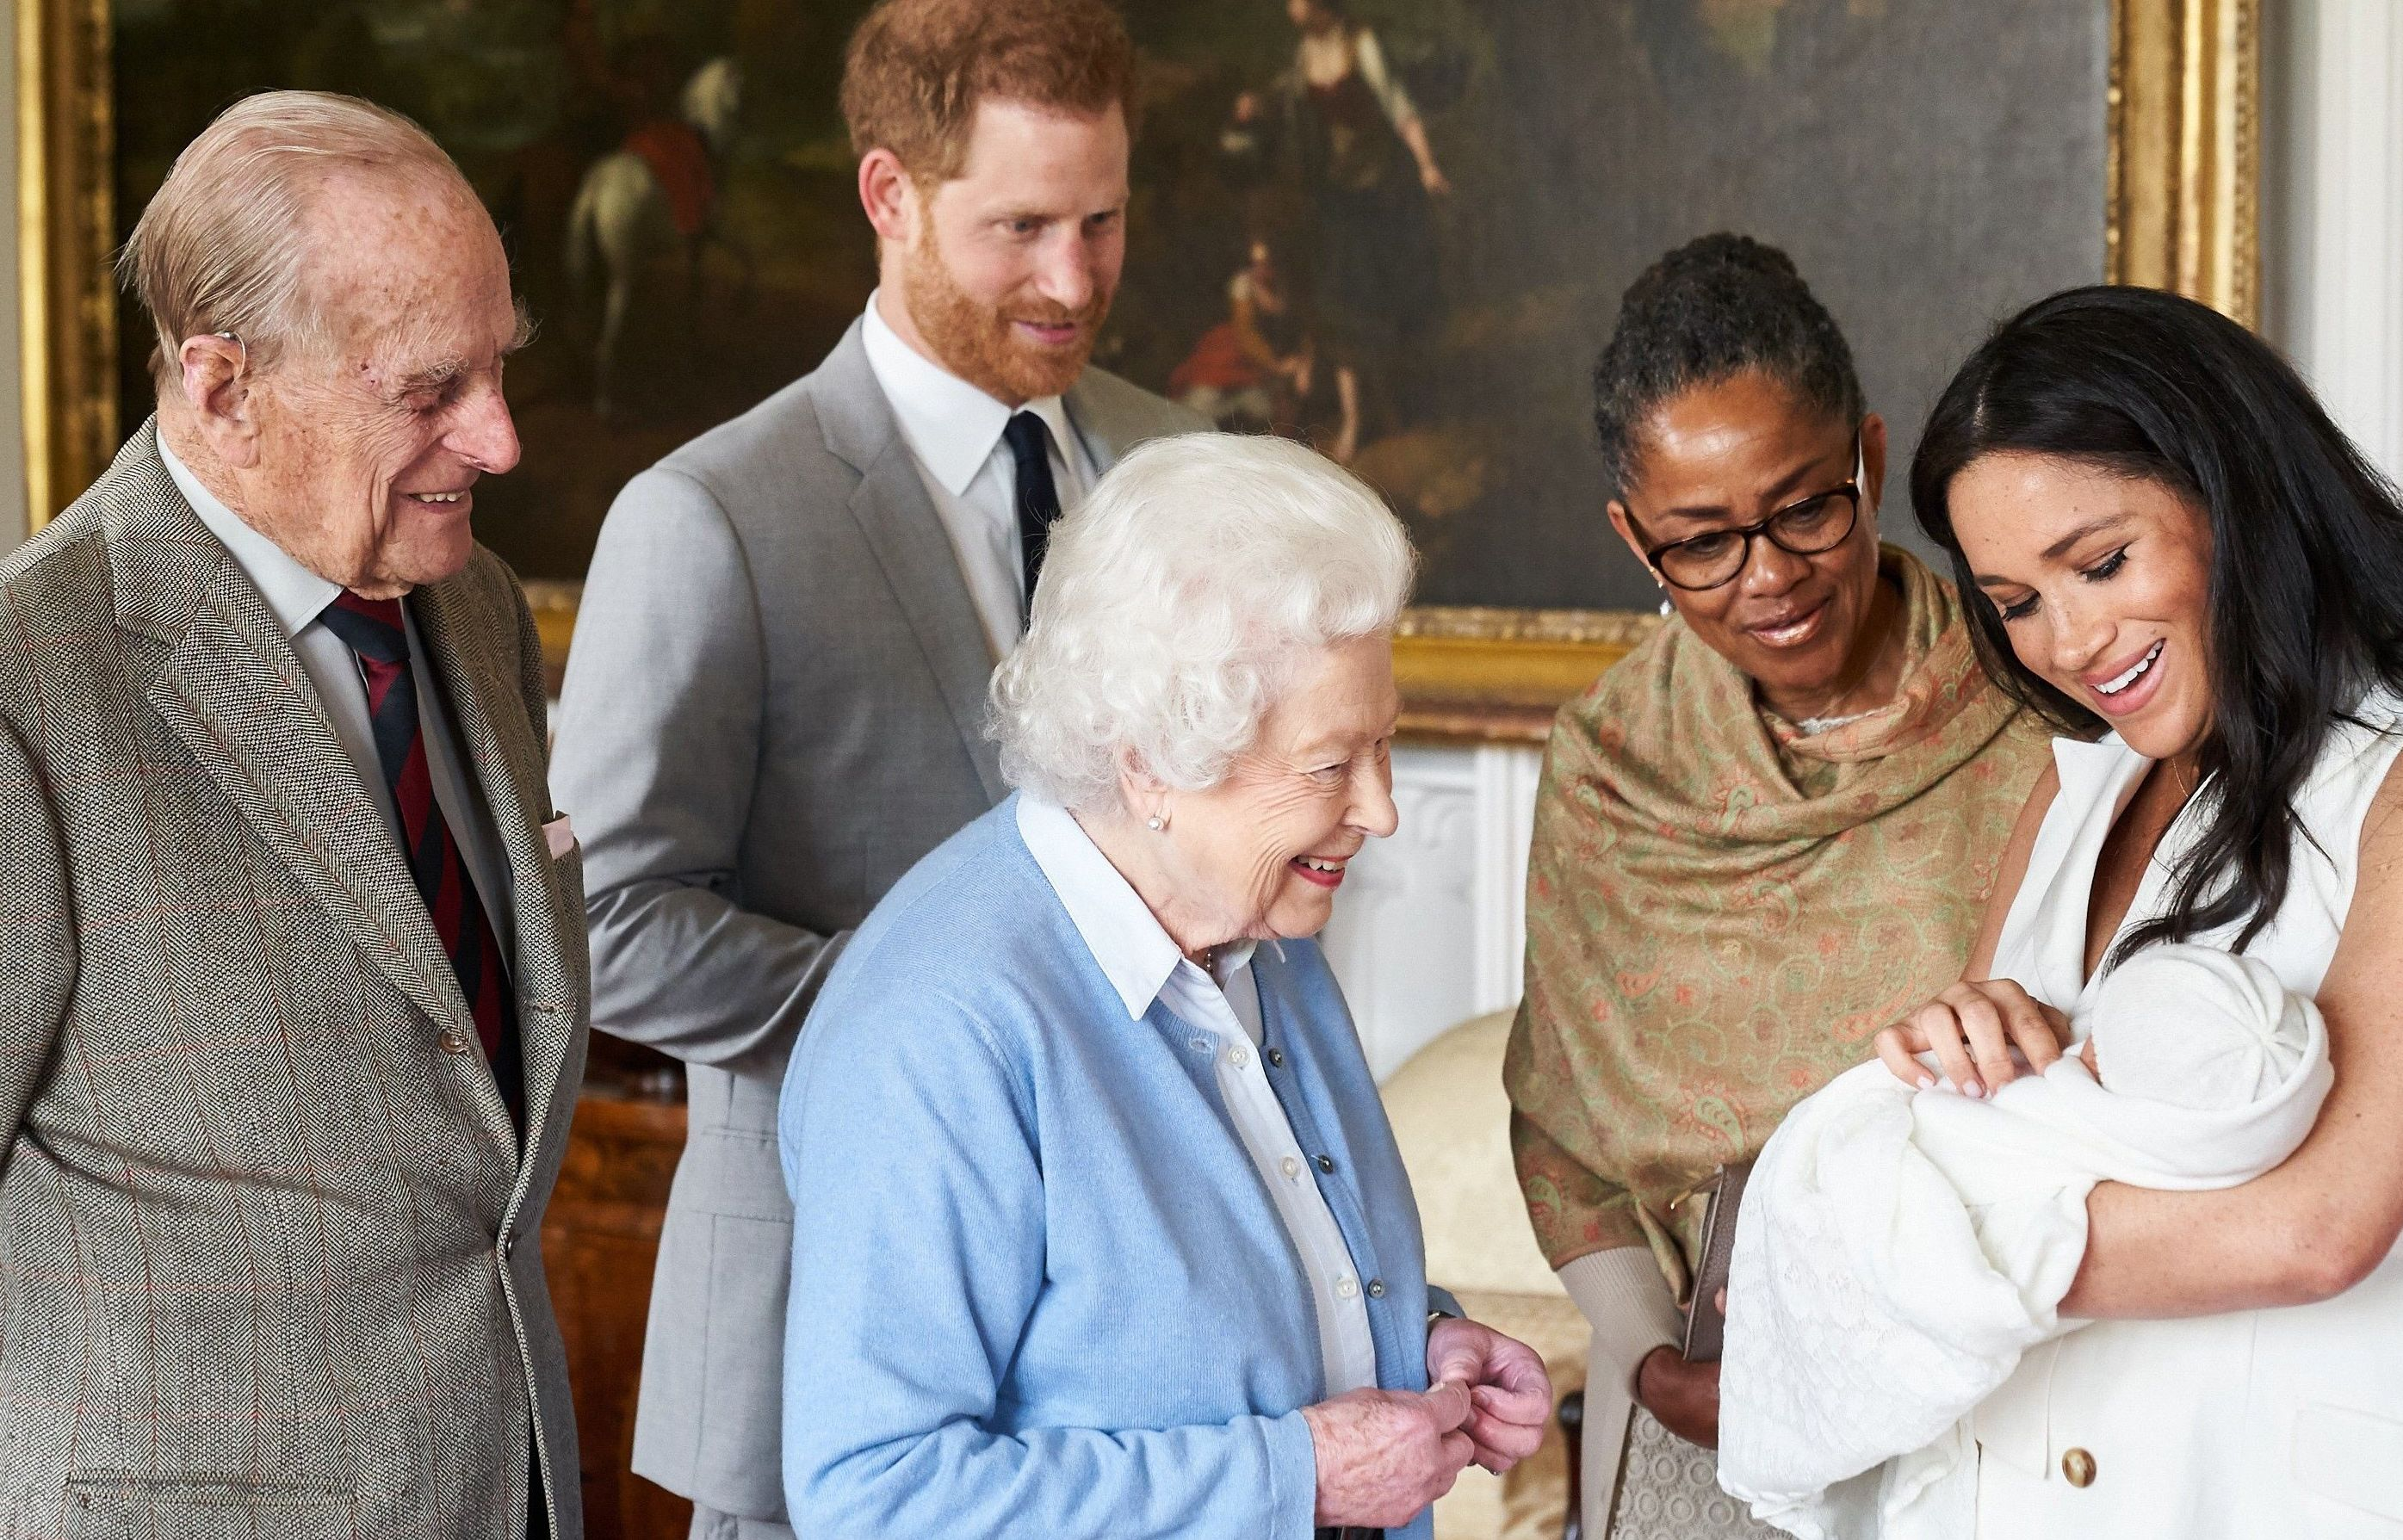 Când va fi botezat copilul lui Meghan Markle și Prințul Harry